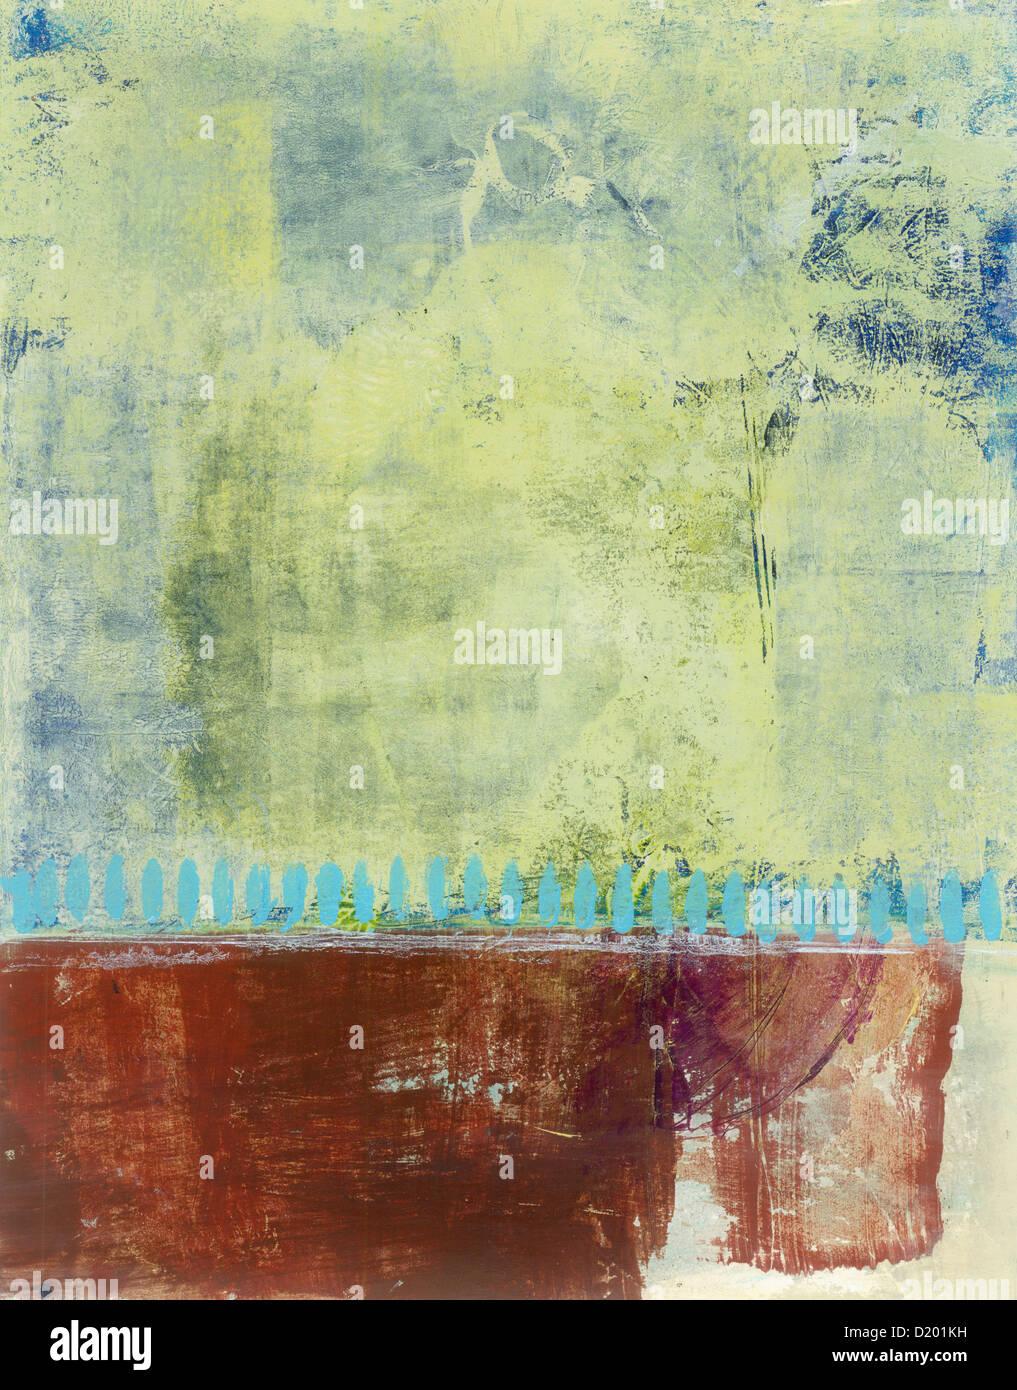 La pintura abstracta con espacio para el diseño y la copia. Imagen De Stock